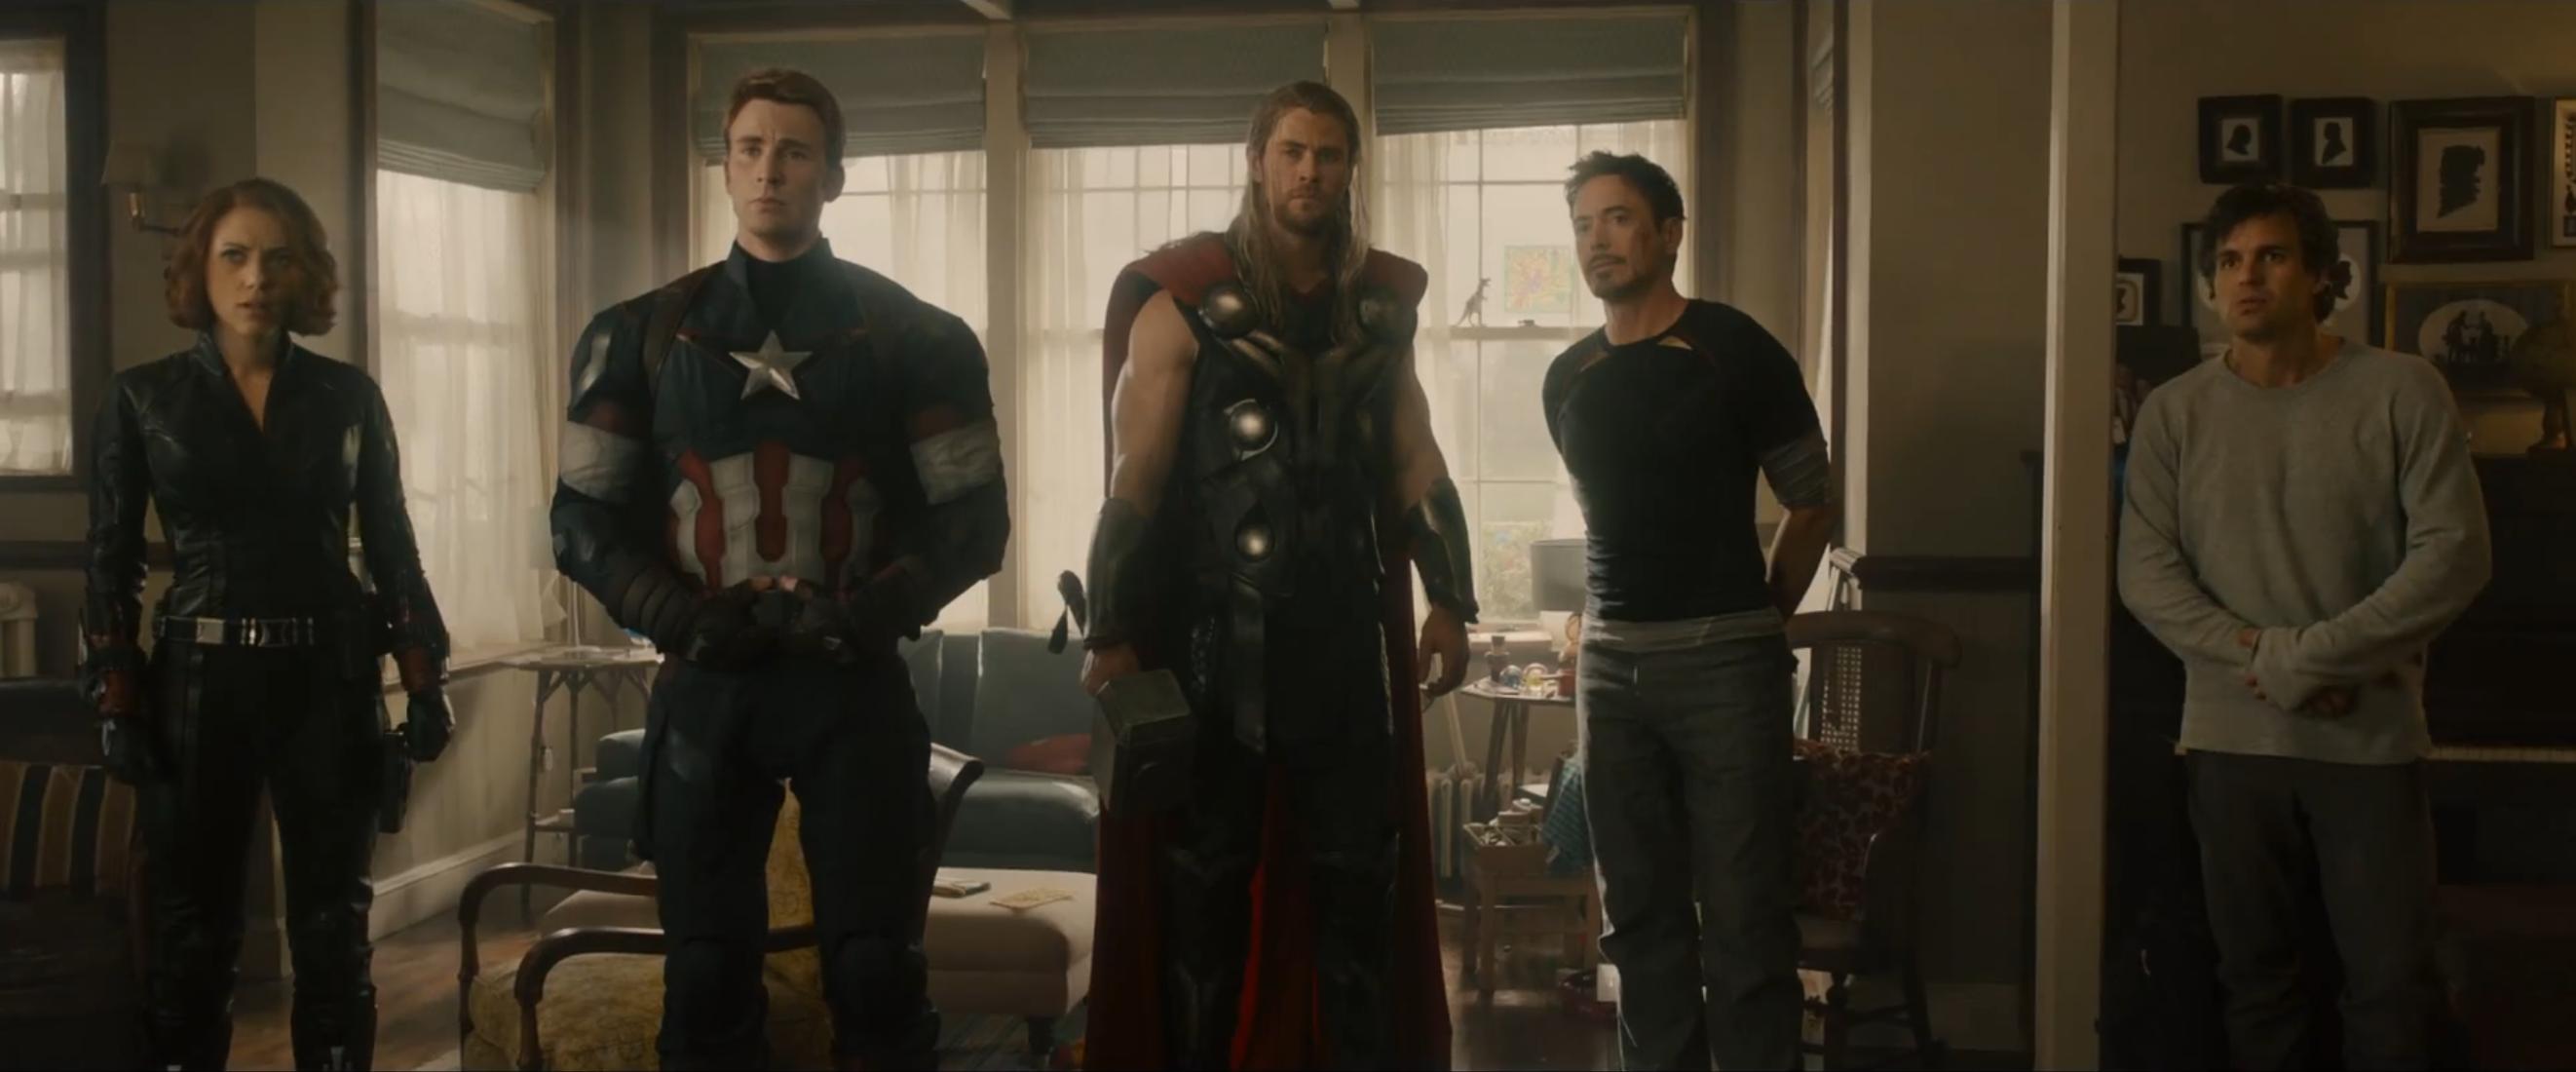 Gli Avengers nel trailer di 'Age of Ultron'